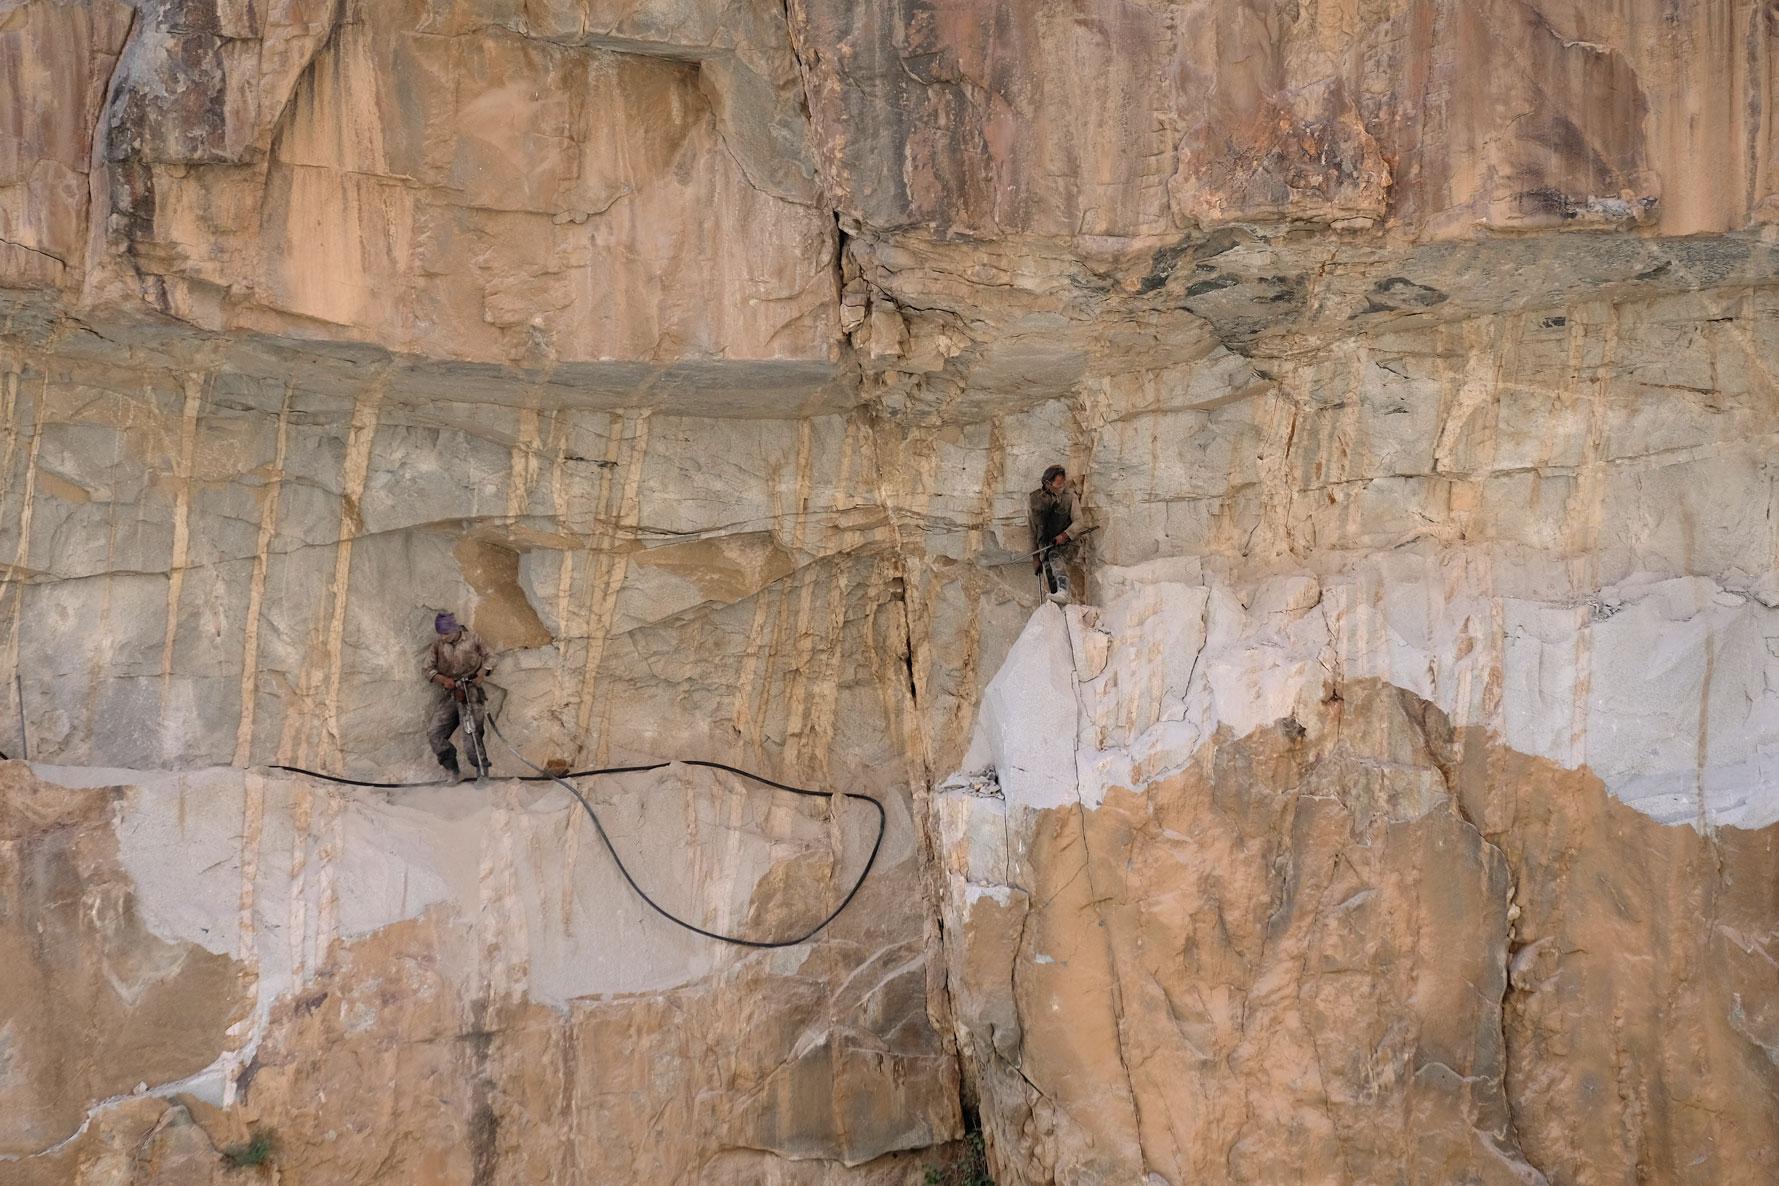 Zwei Männer arbeiten mit Presslufthämmern in einer Felswand.